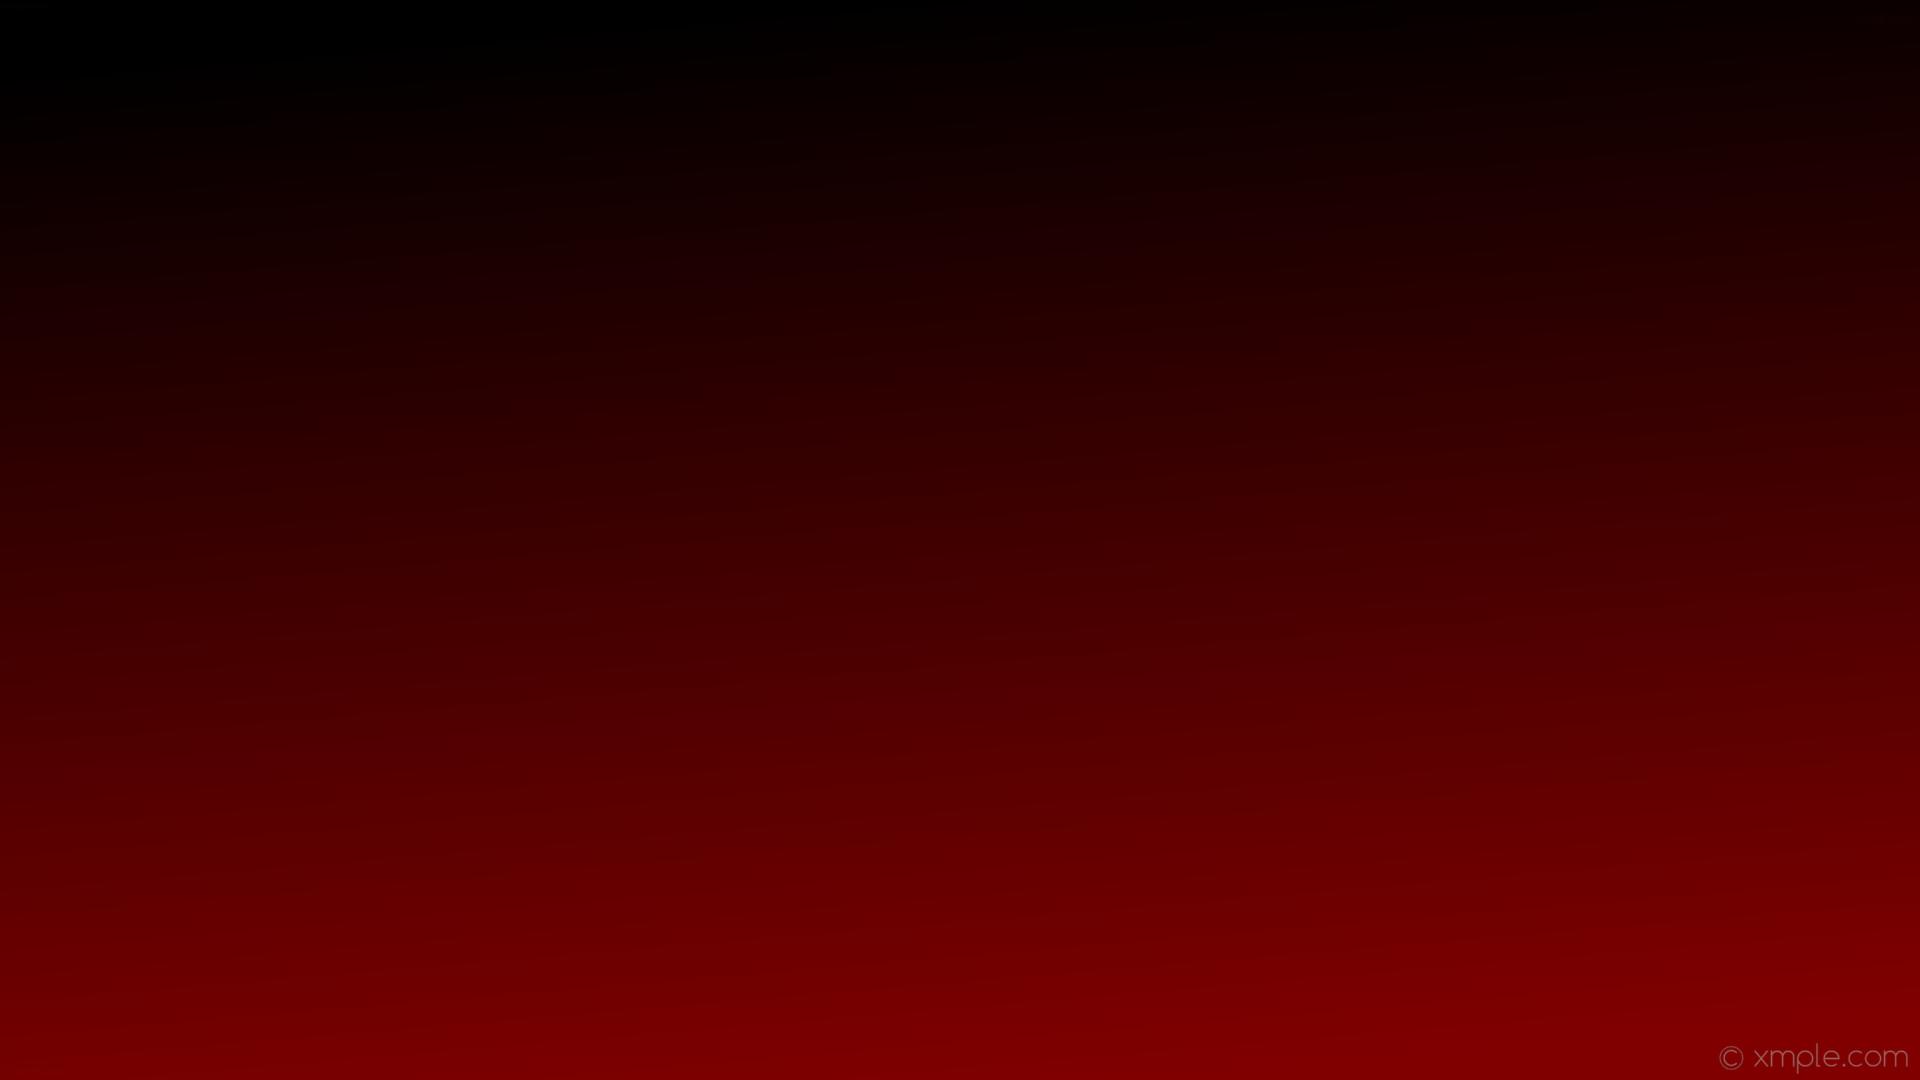 wallpaper black brown gradient linear maroon #000000 #800000 105°